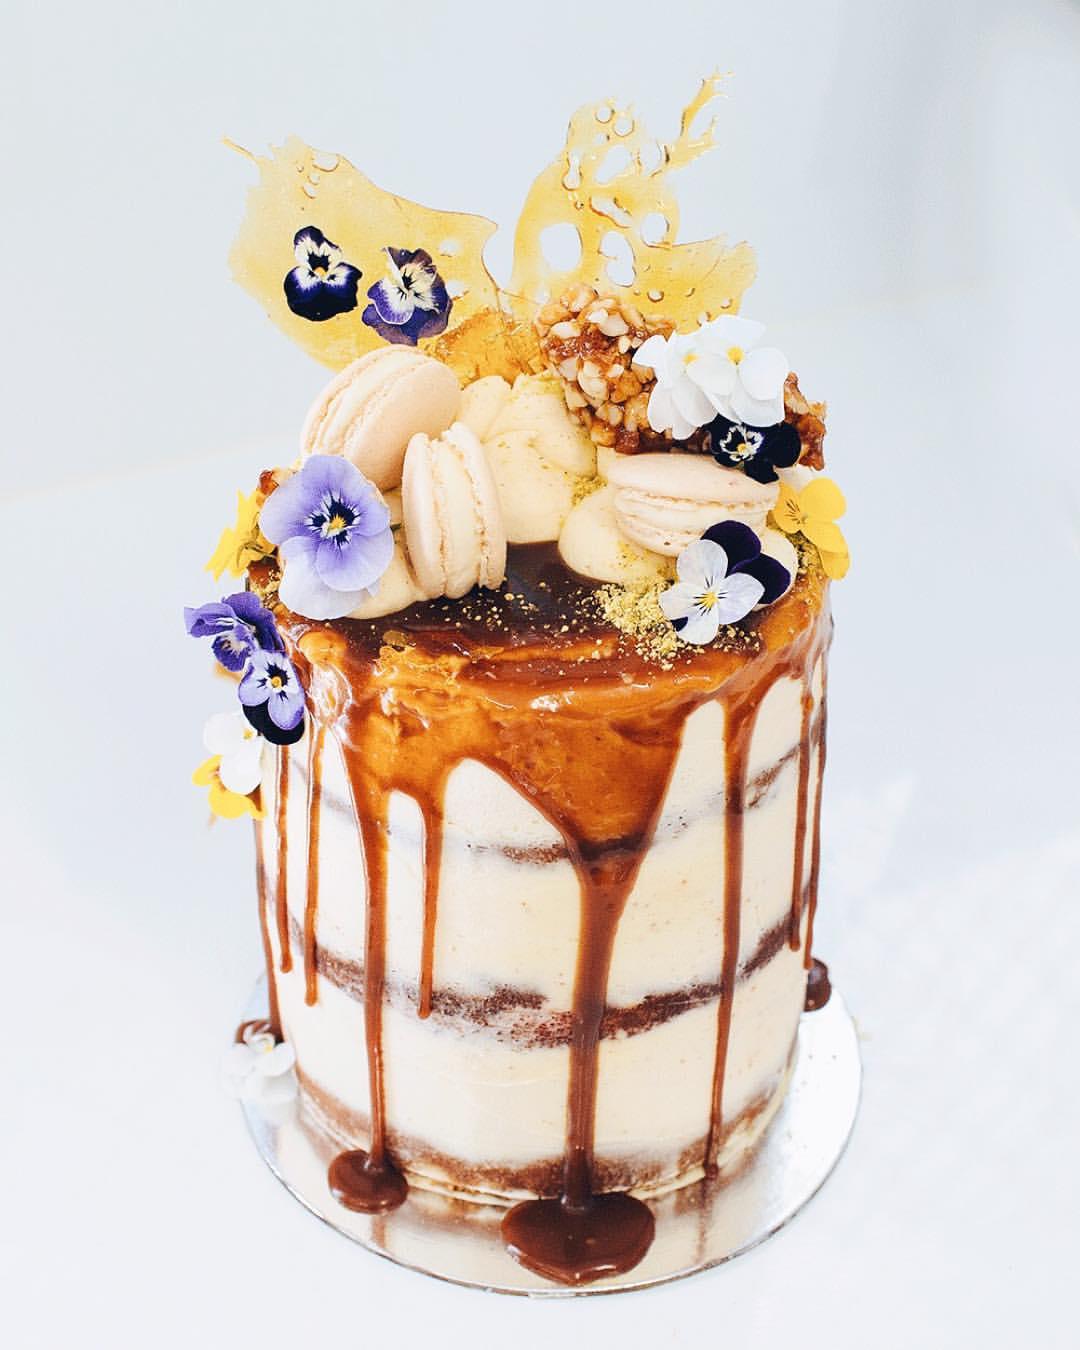 tomecakes-wedding-cakes-2